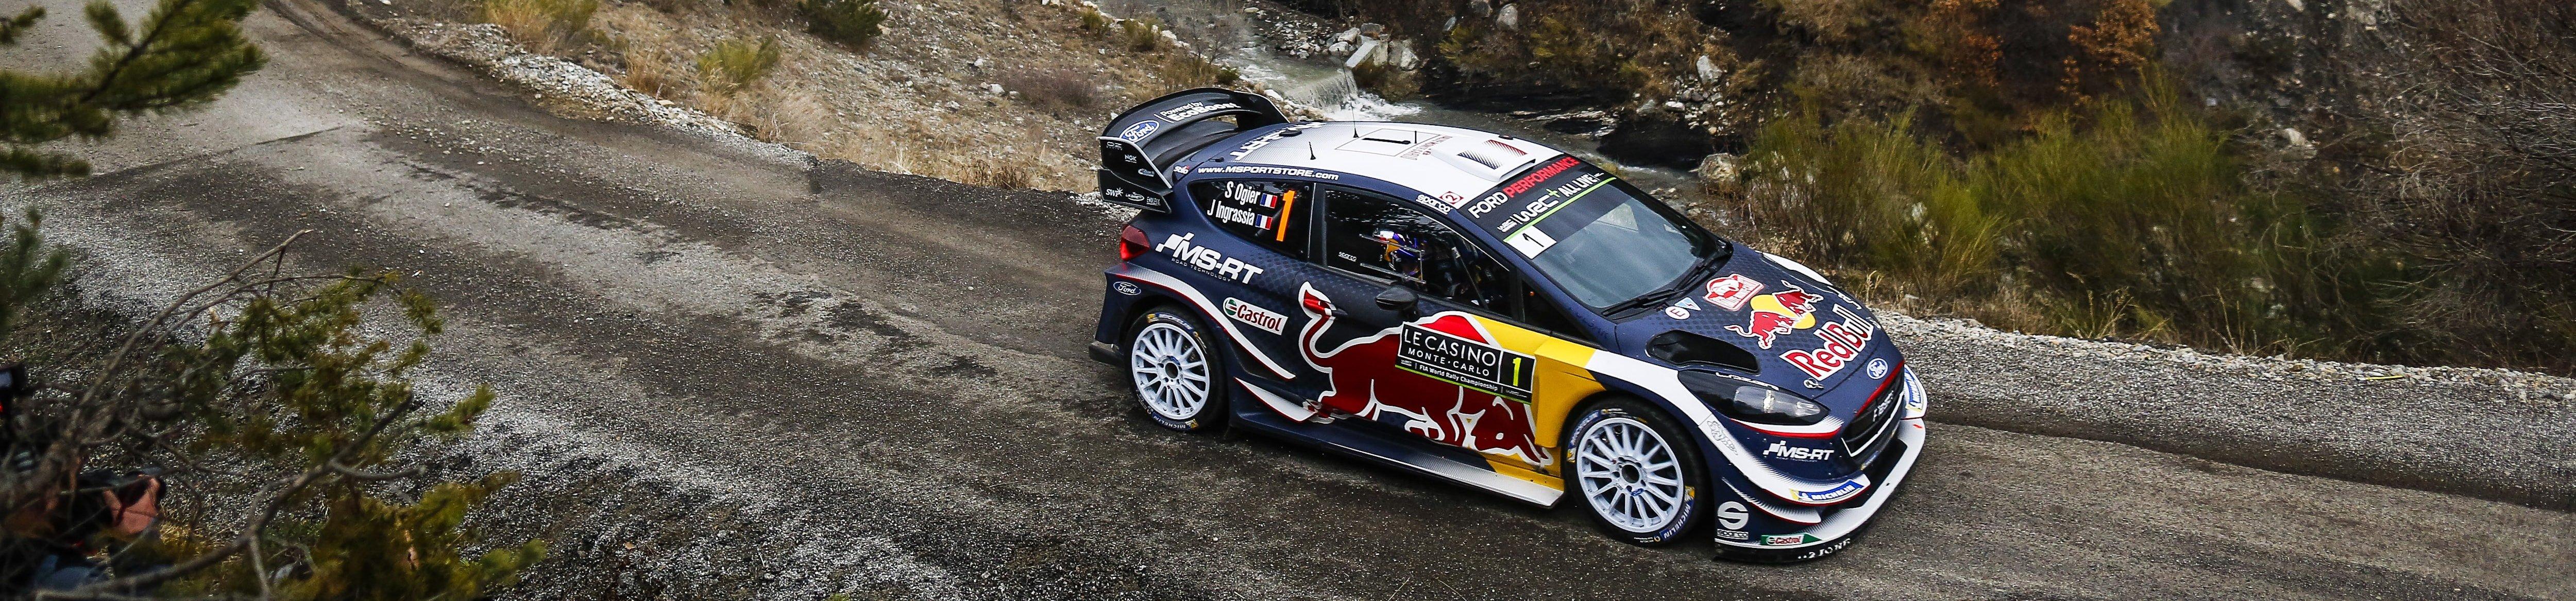 Pulsar WRC